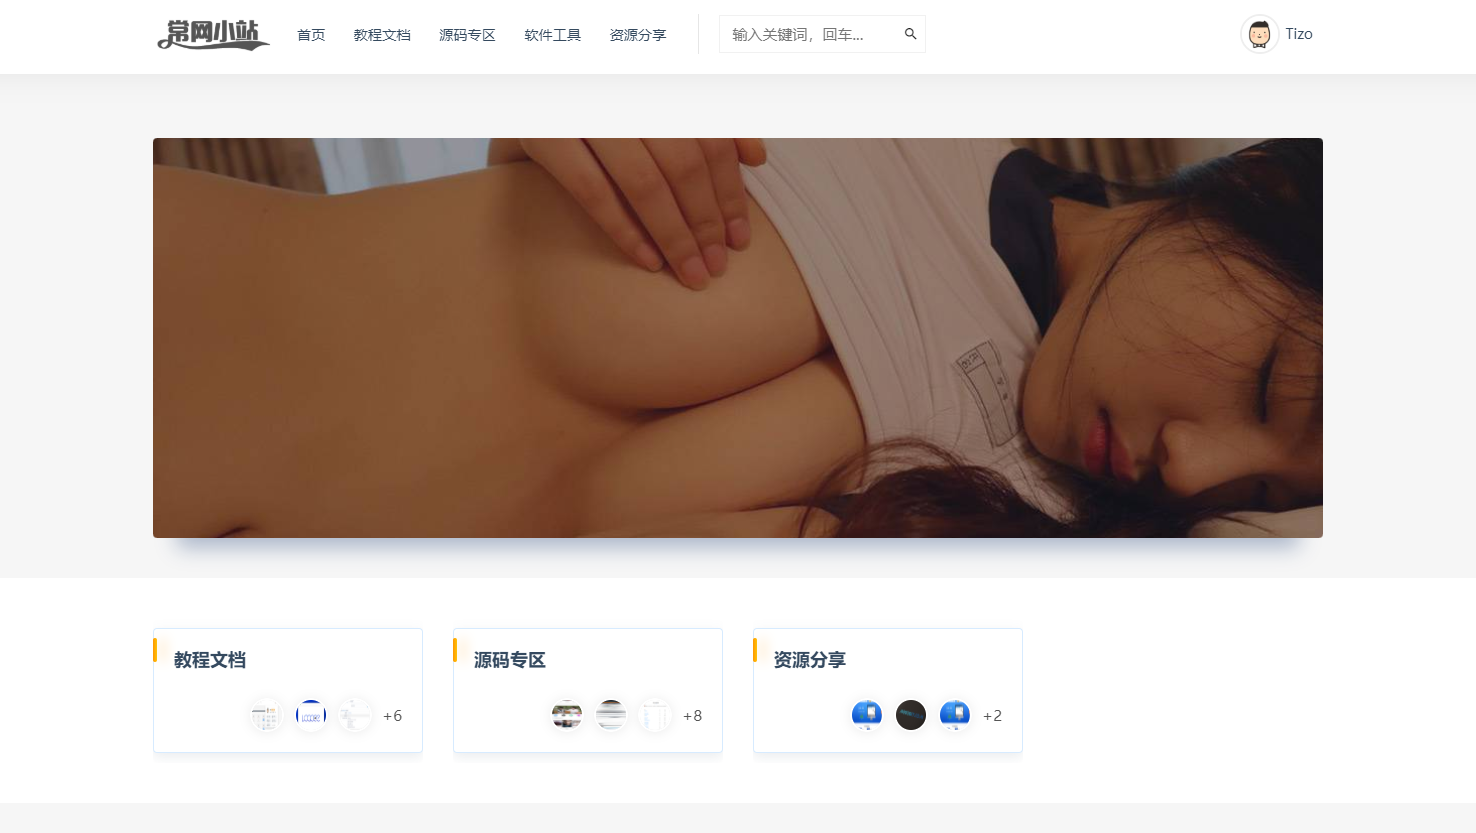 RiPro主题首页轮播图大小修改-常网小站Miknio